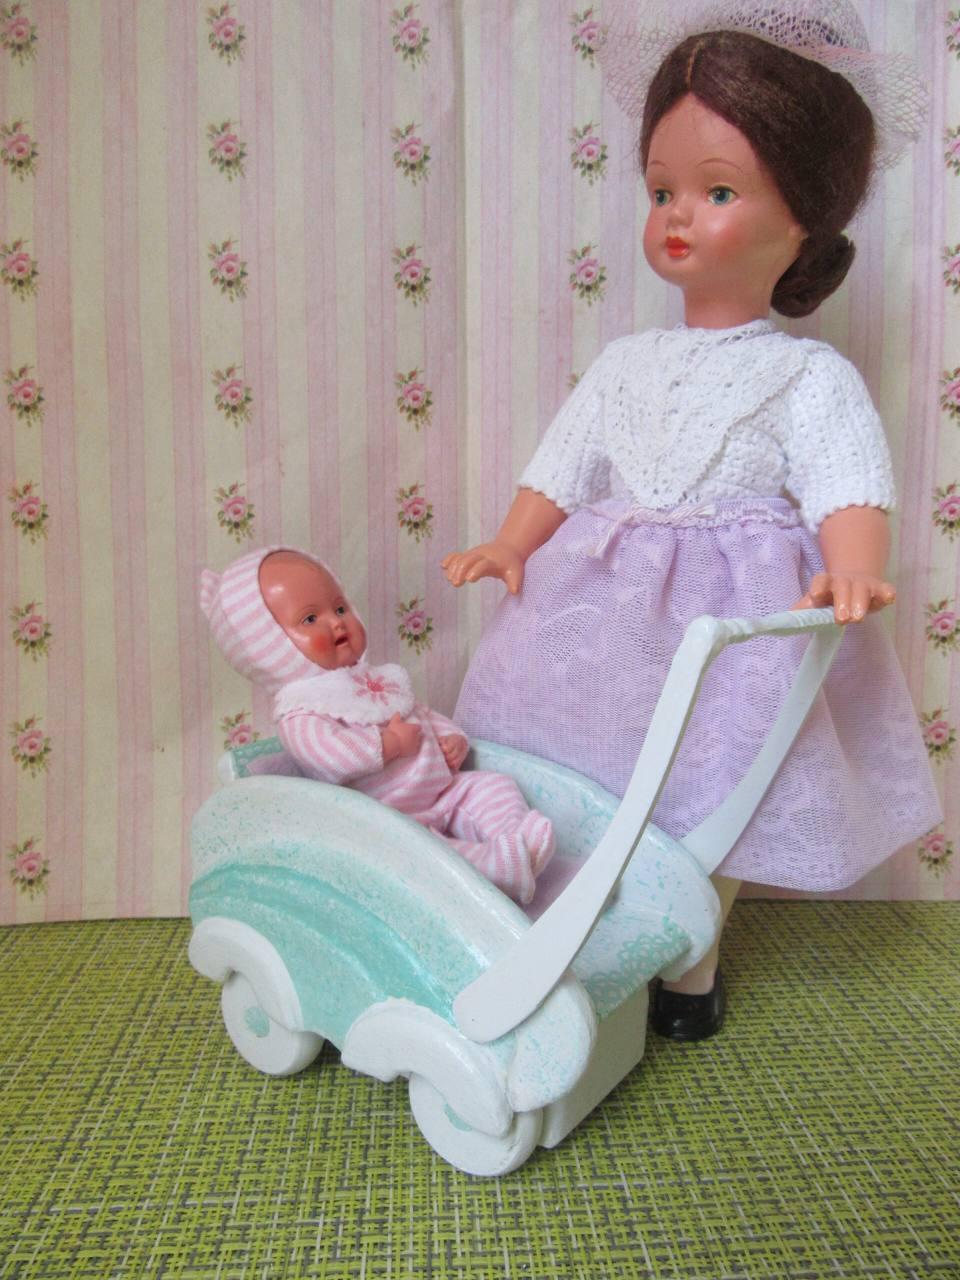 Мастерская Мимидол.  Ручной пошив винтажной одежды для кукол и ремонт кукол. Блог Красновой Натальи. IMG_3043-1-scaled